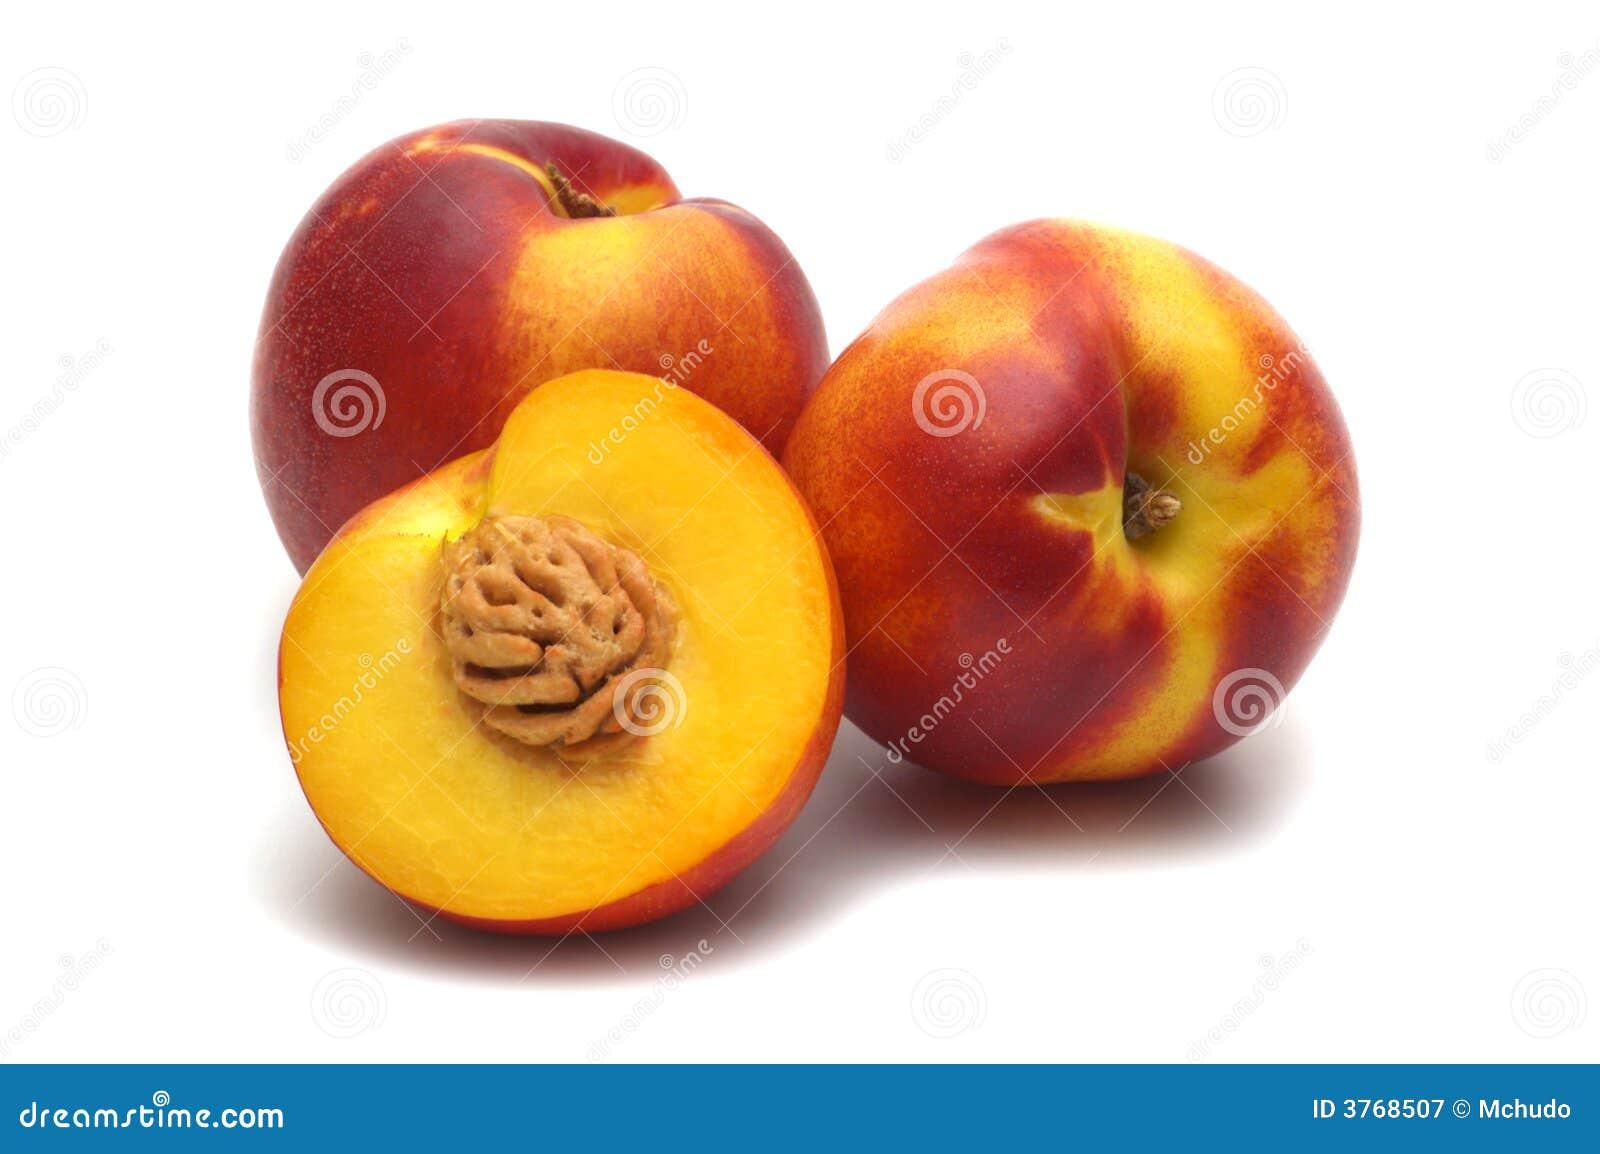 Three nectarine